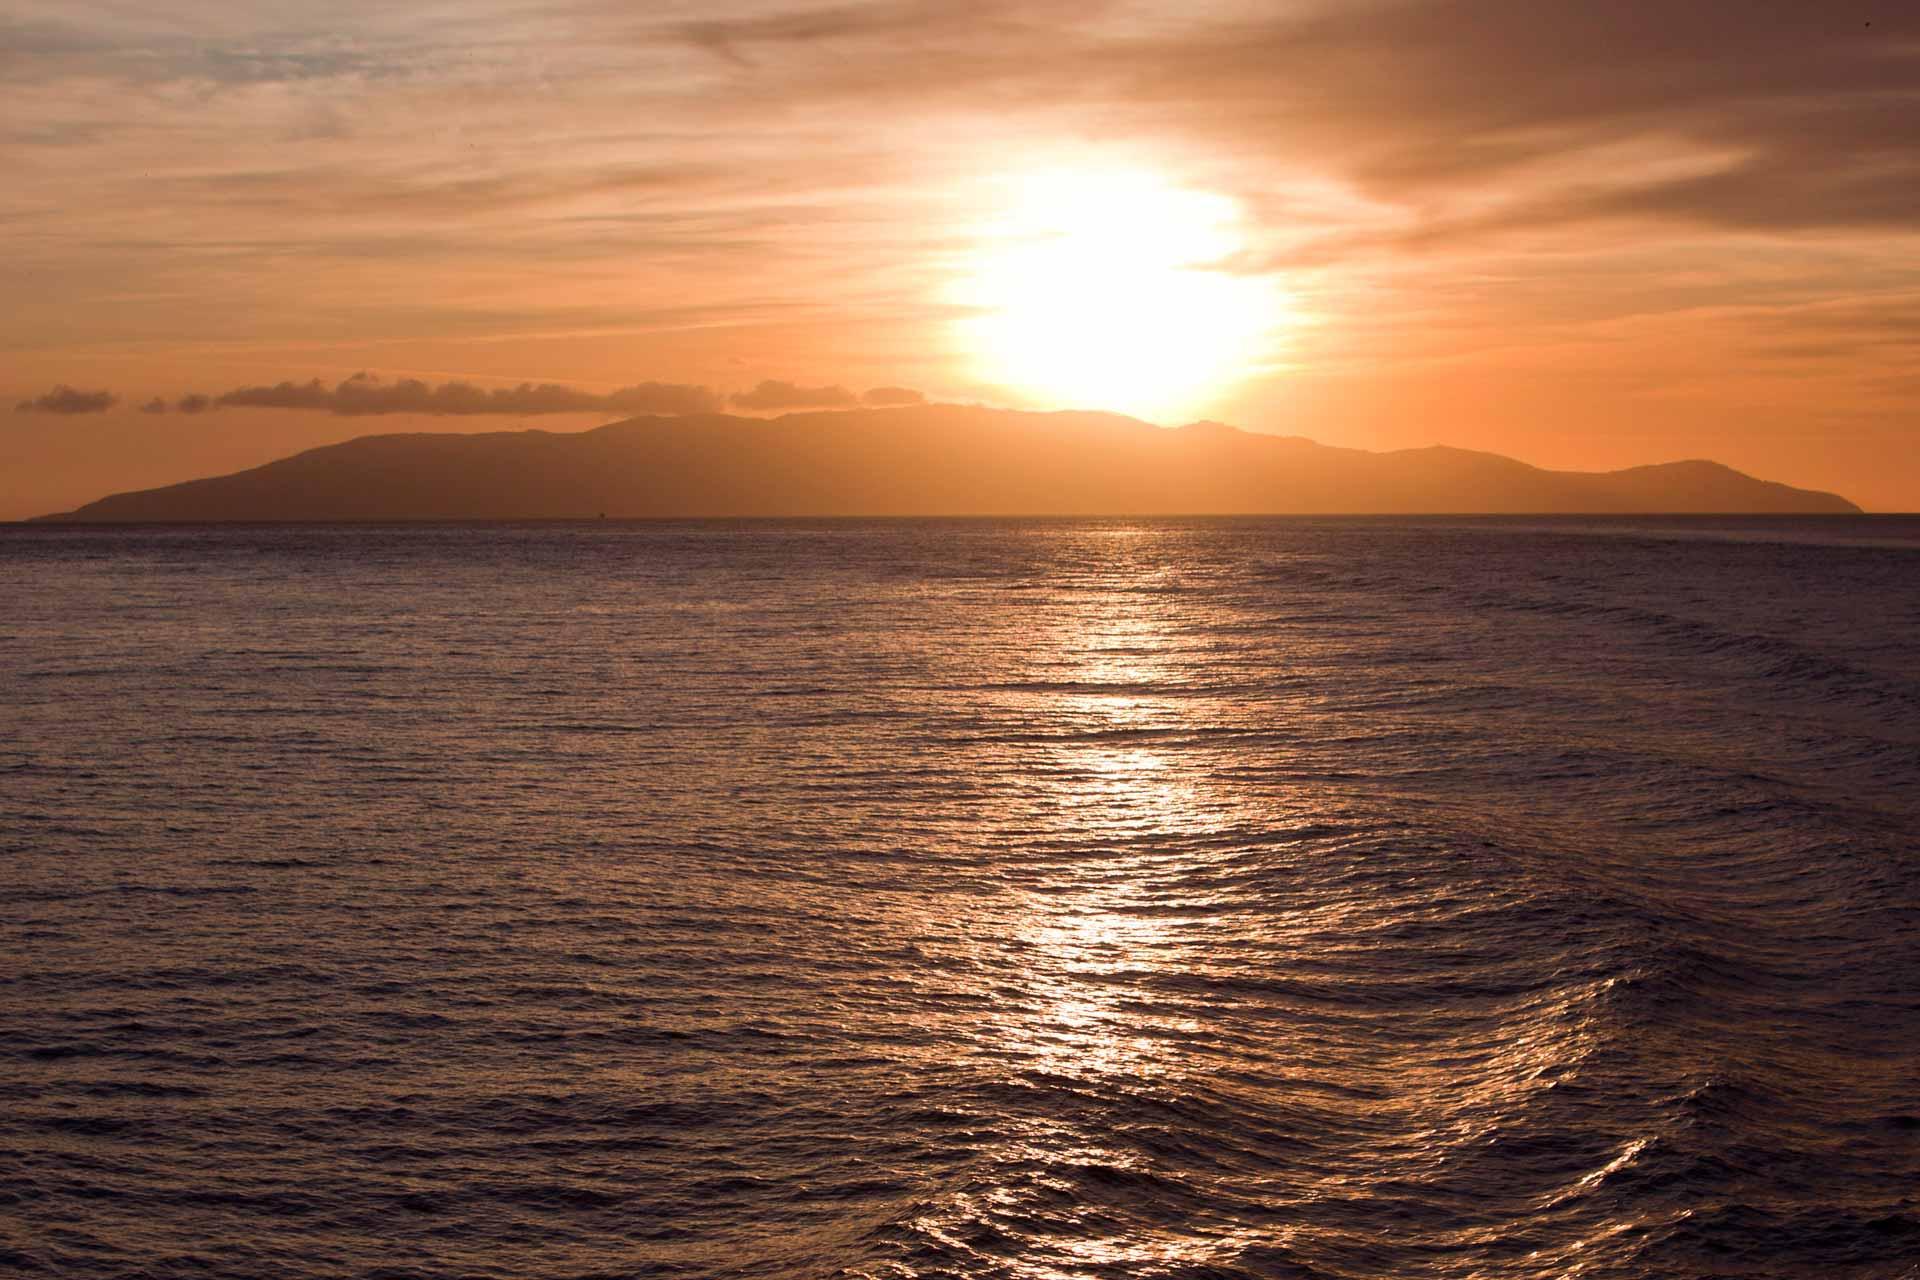 Lascio l'isola al tramonto, con tanta tristezza nel cuore. Penso che non sia ammissibile che ancora oggi possano accadere incidenti così gravi, causati dall'incuria dell'uomo. Osservo il sole che si adagia sul Giglio, chiudo gli occhi e concentro i miei pensieri sulle vittime di questa tragedia.